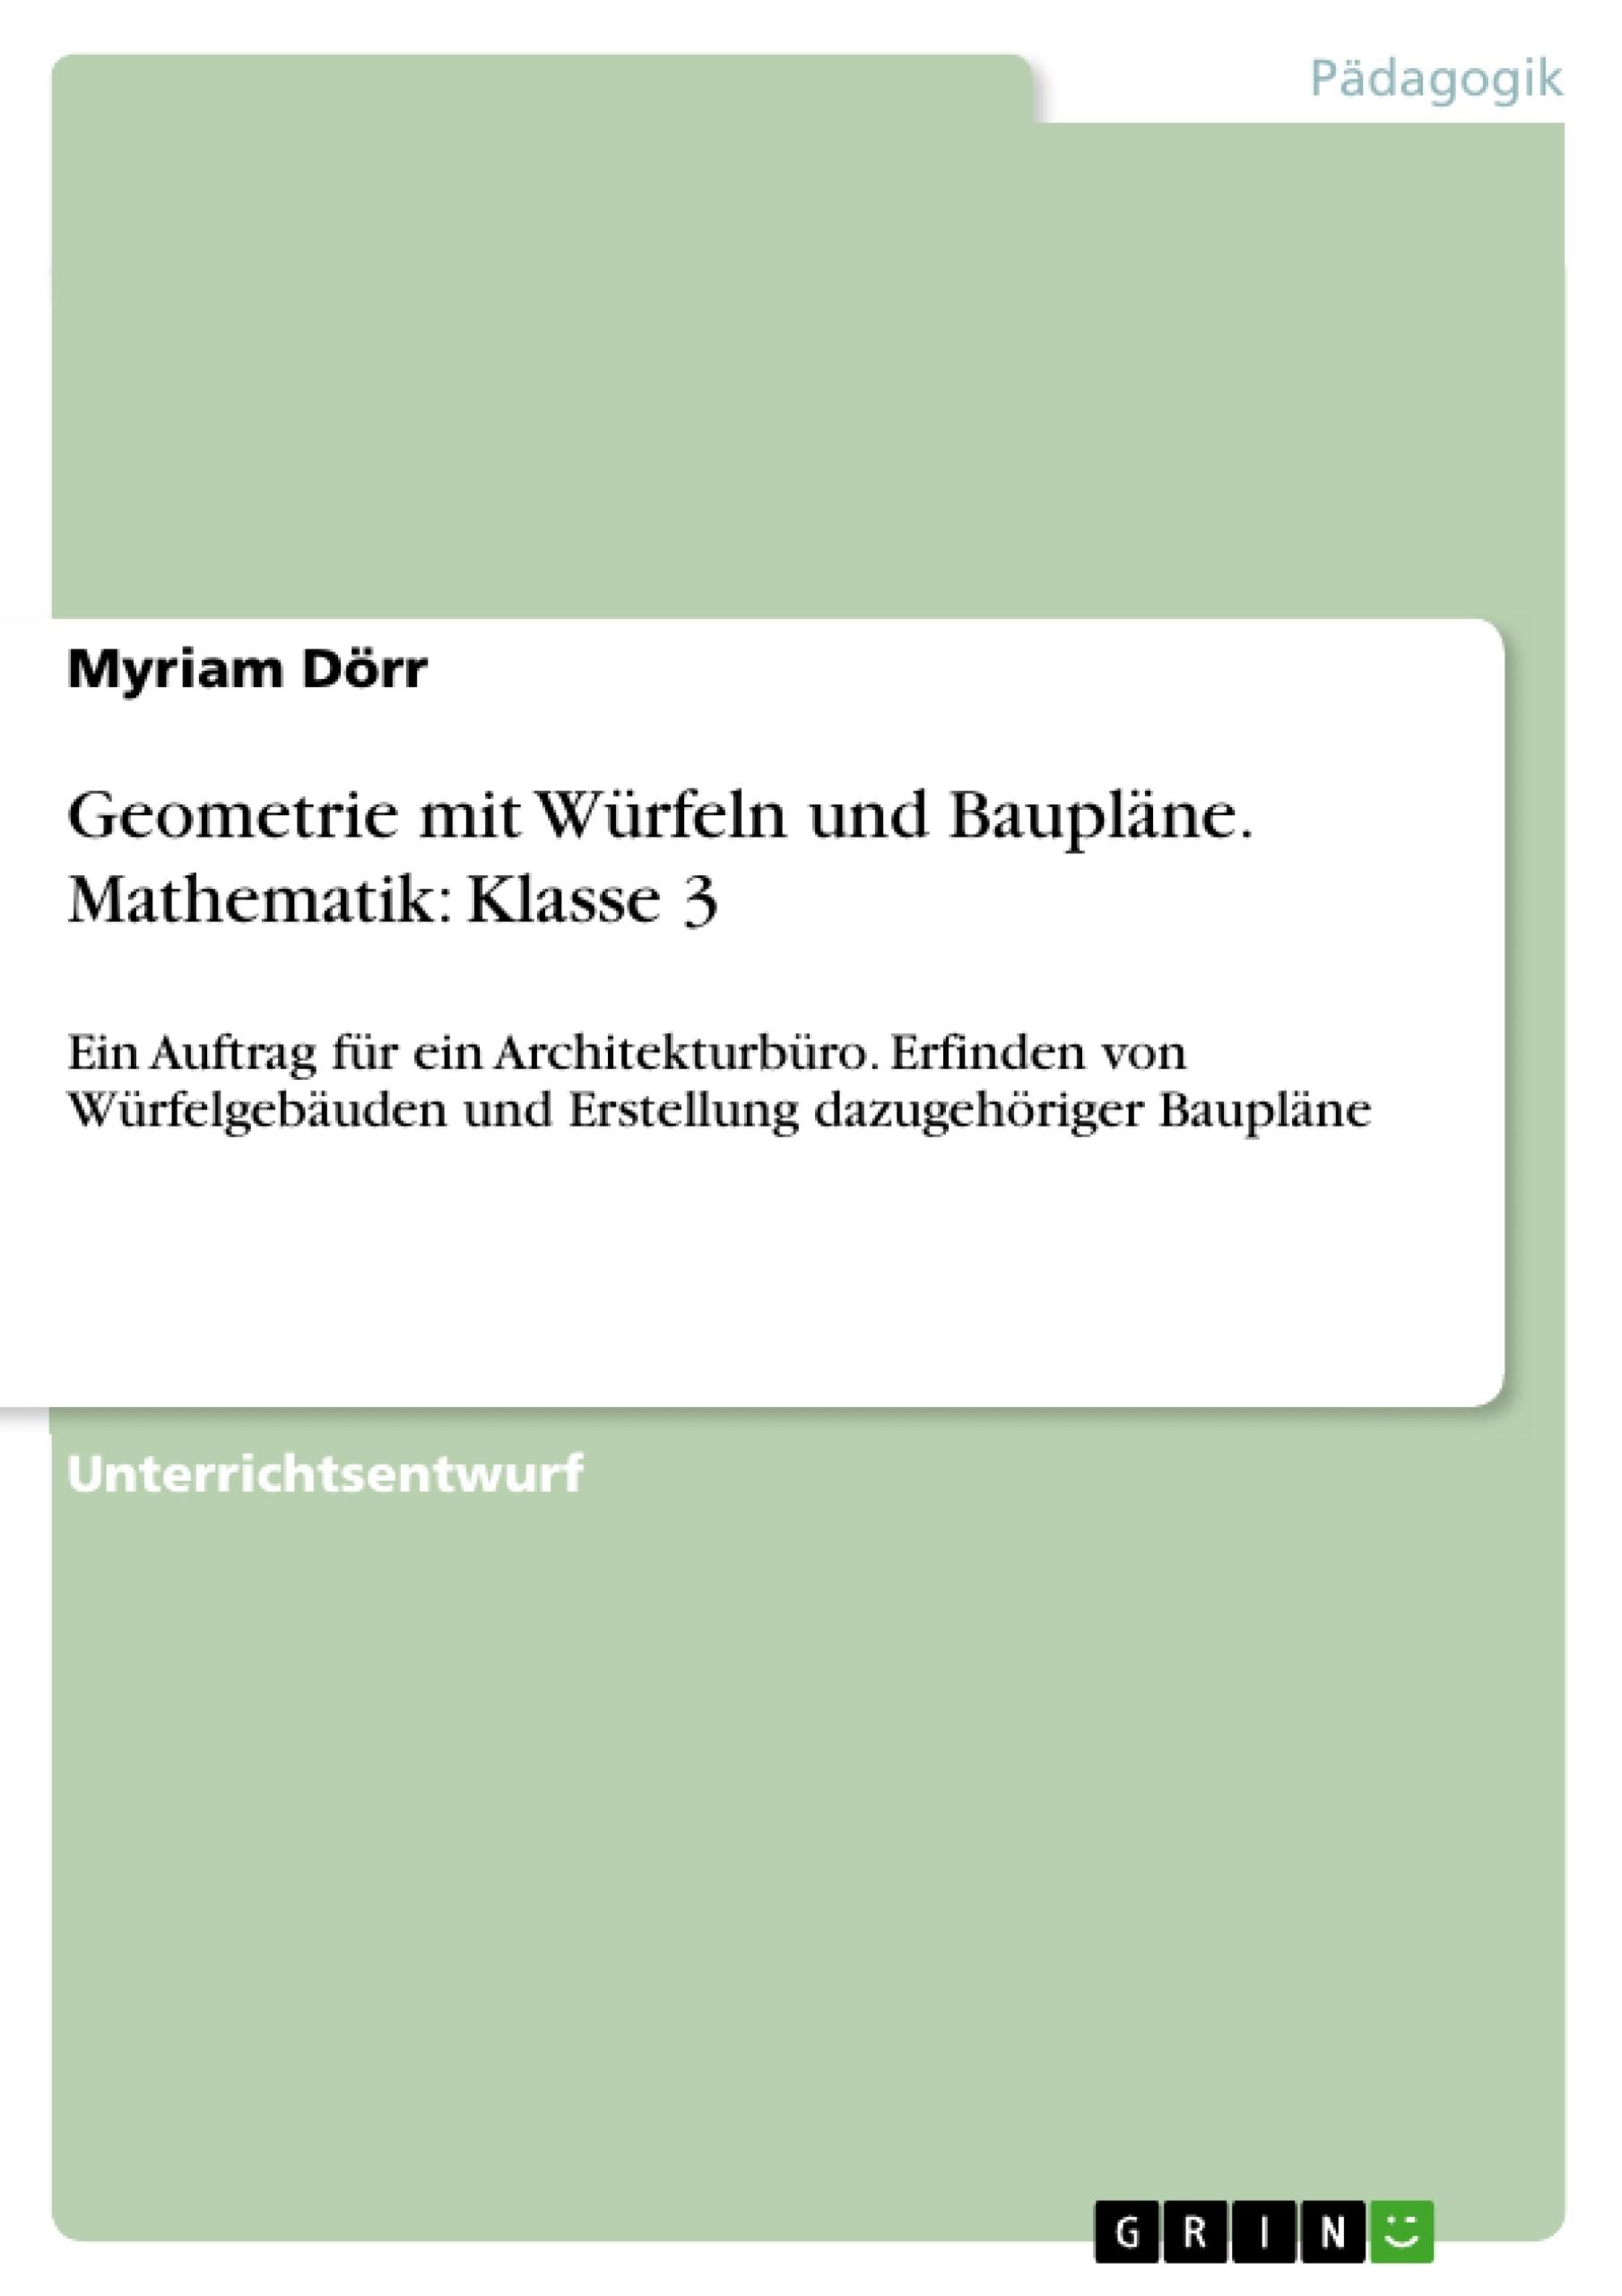 Titel: Geometrie mit Würfeln und Baupläne. Mathematik: Klasse 3